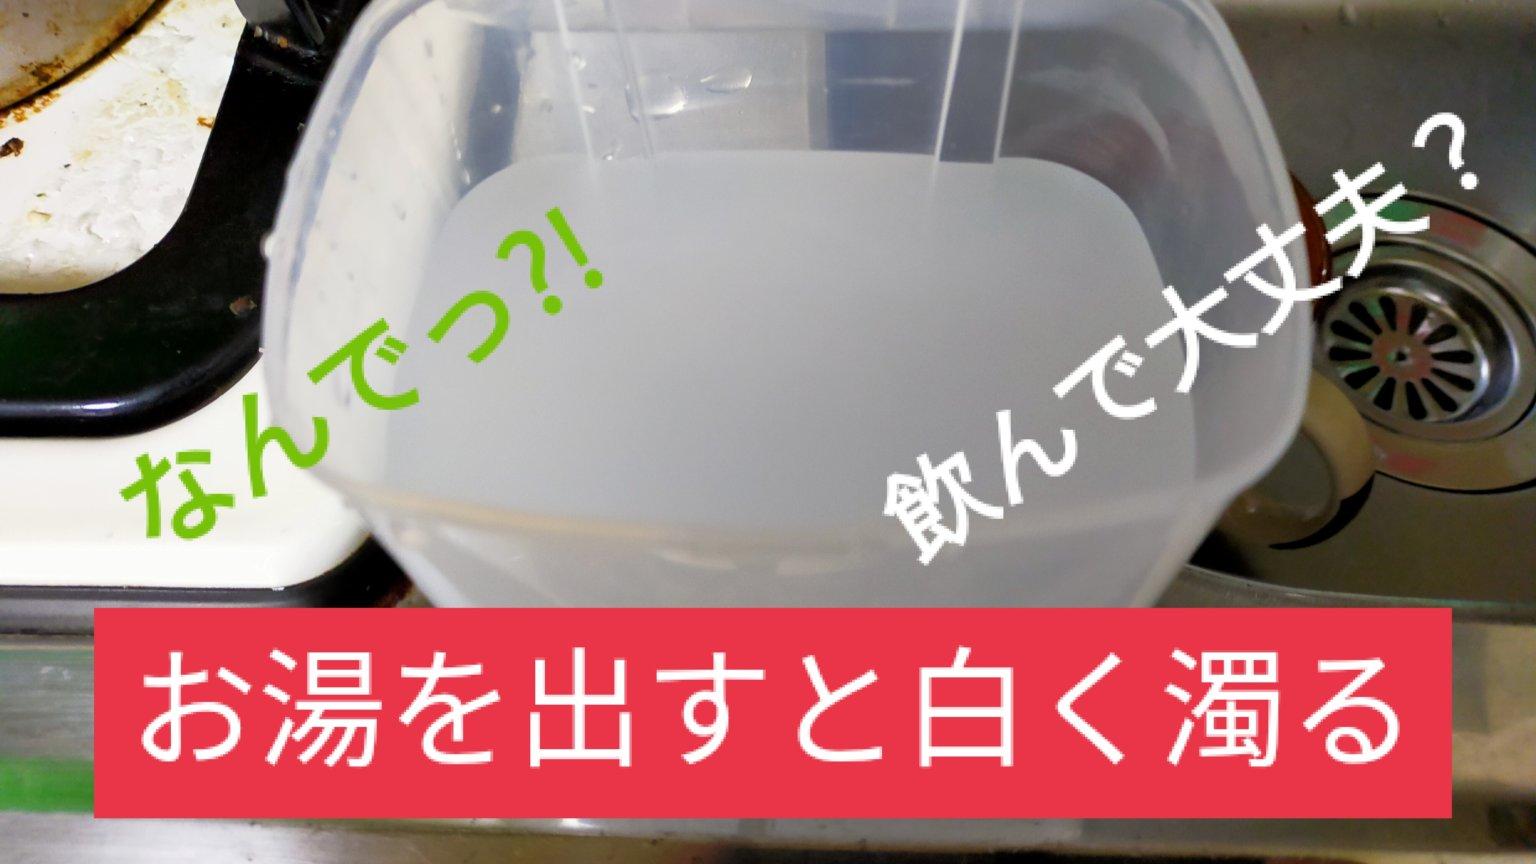 【解決】蛇口のお湯が白く濁る原因?飲んでも大丈夫?【冬場のトラブル】